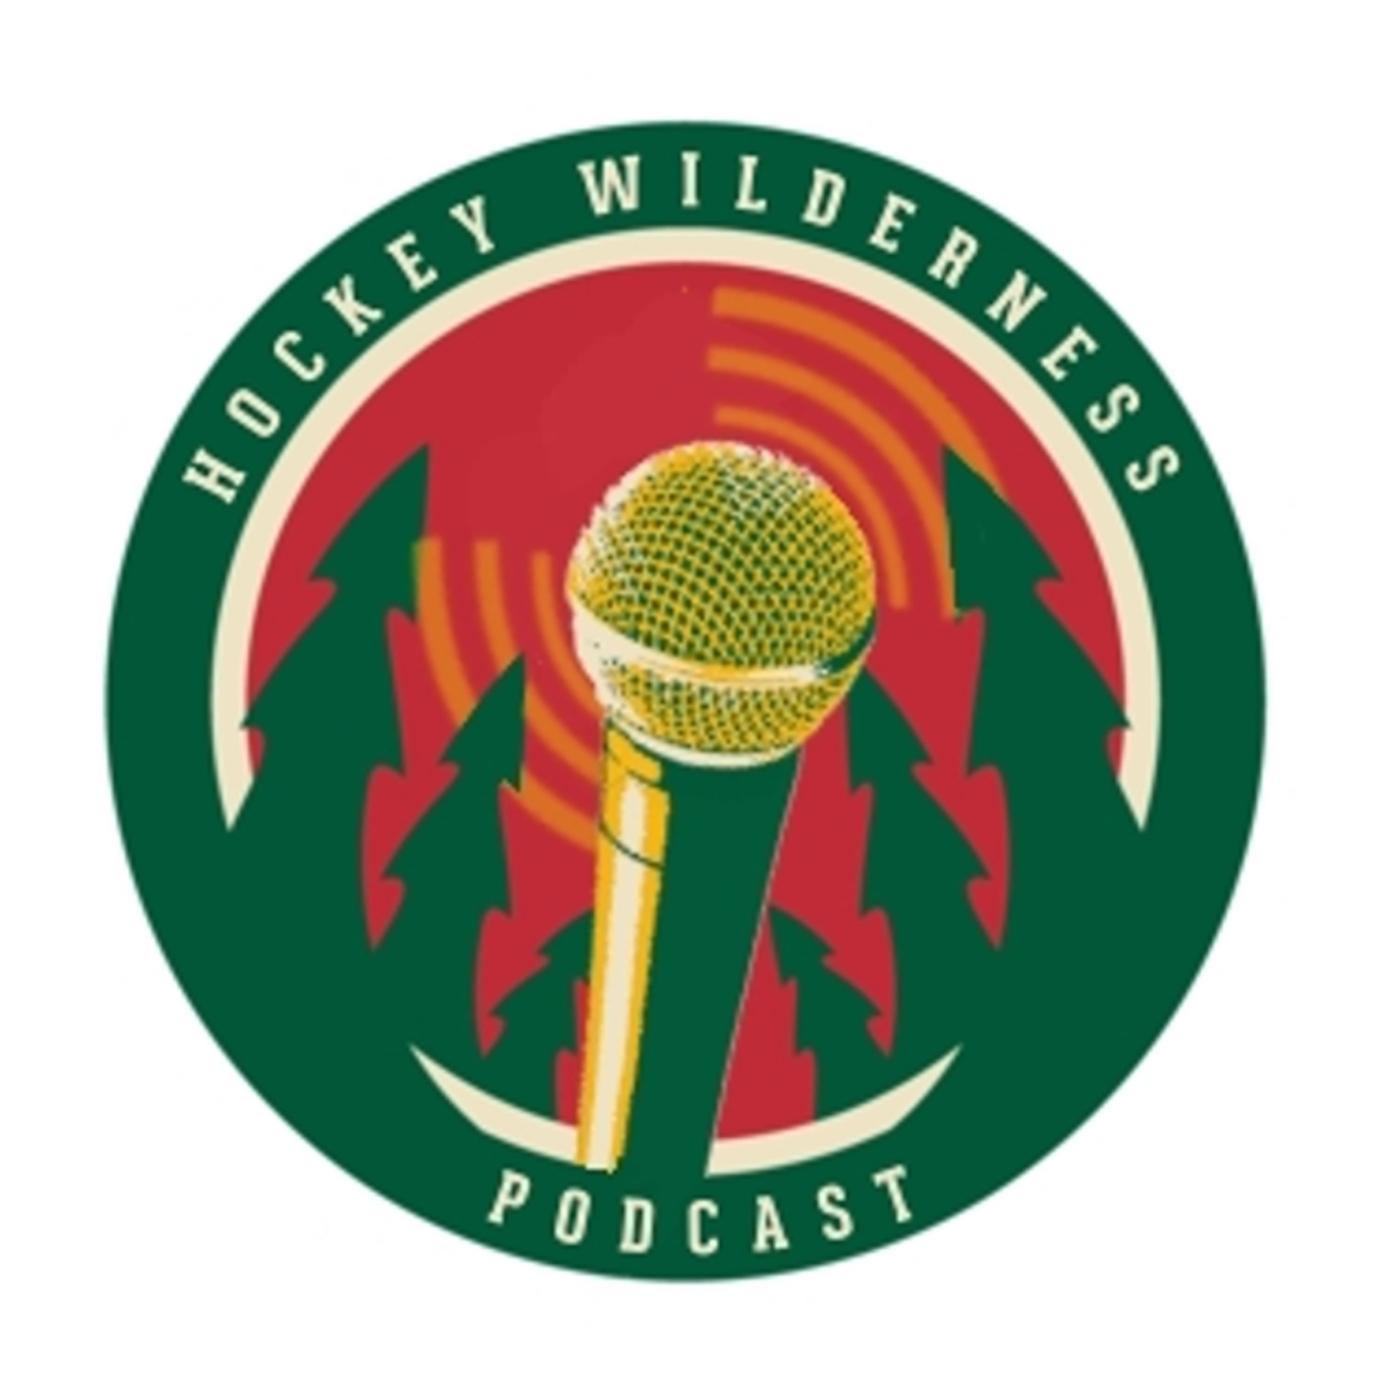 10K Rinks Radio- A Minnesota Wild Podcast